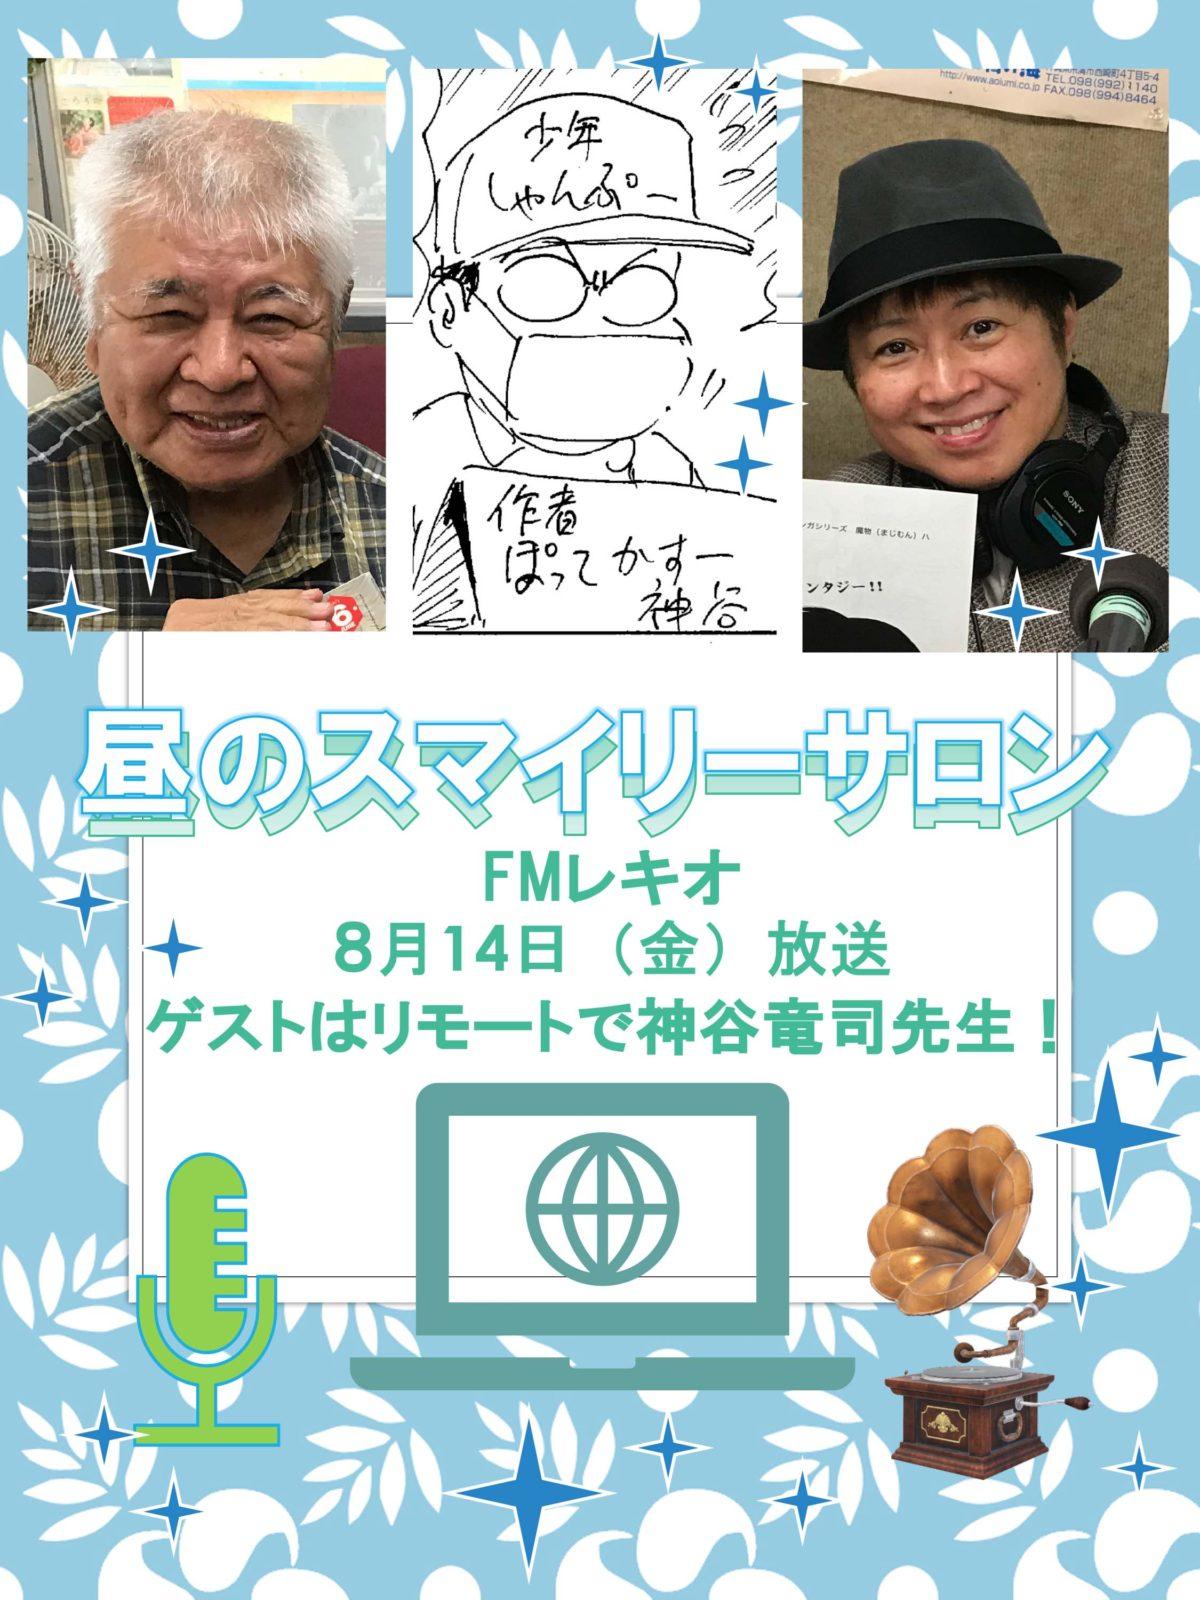 8月14日(金)『昼のスマイリーサロン』神谷竜司先生がリモート参加!